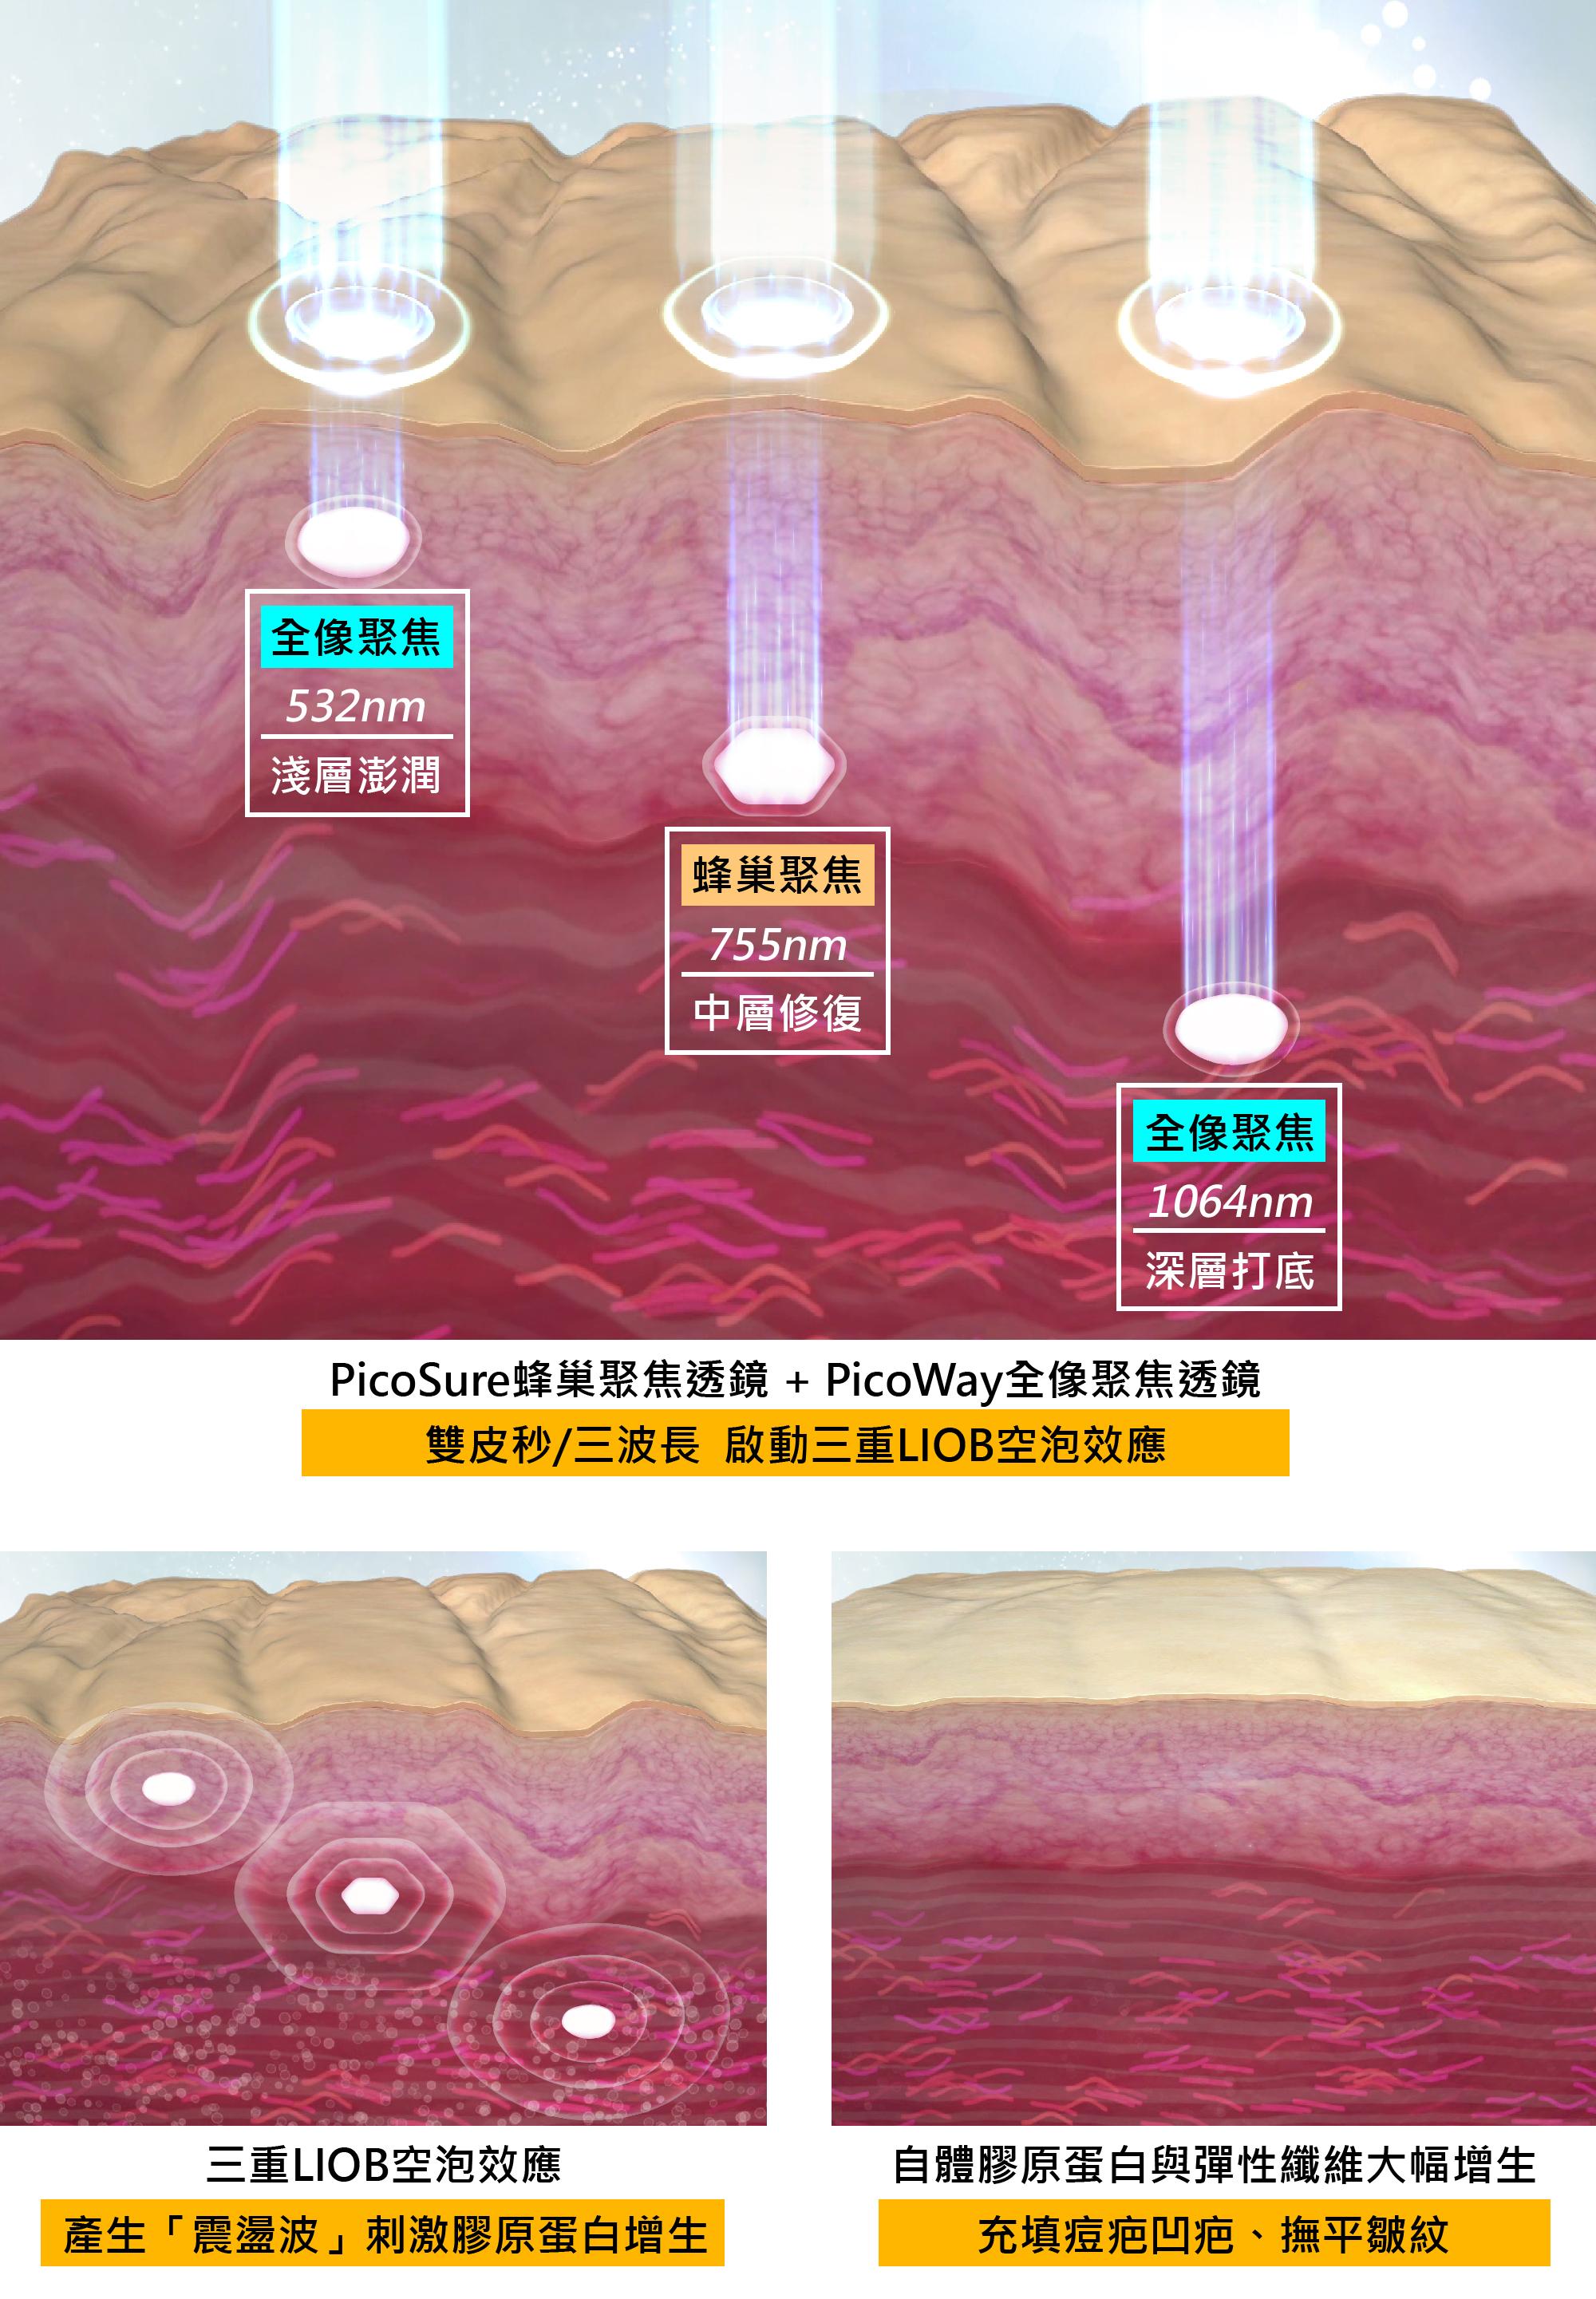 除痘疤的關鍵在於聚焦透鏡技術